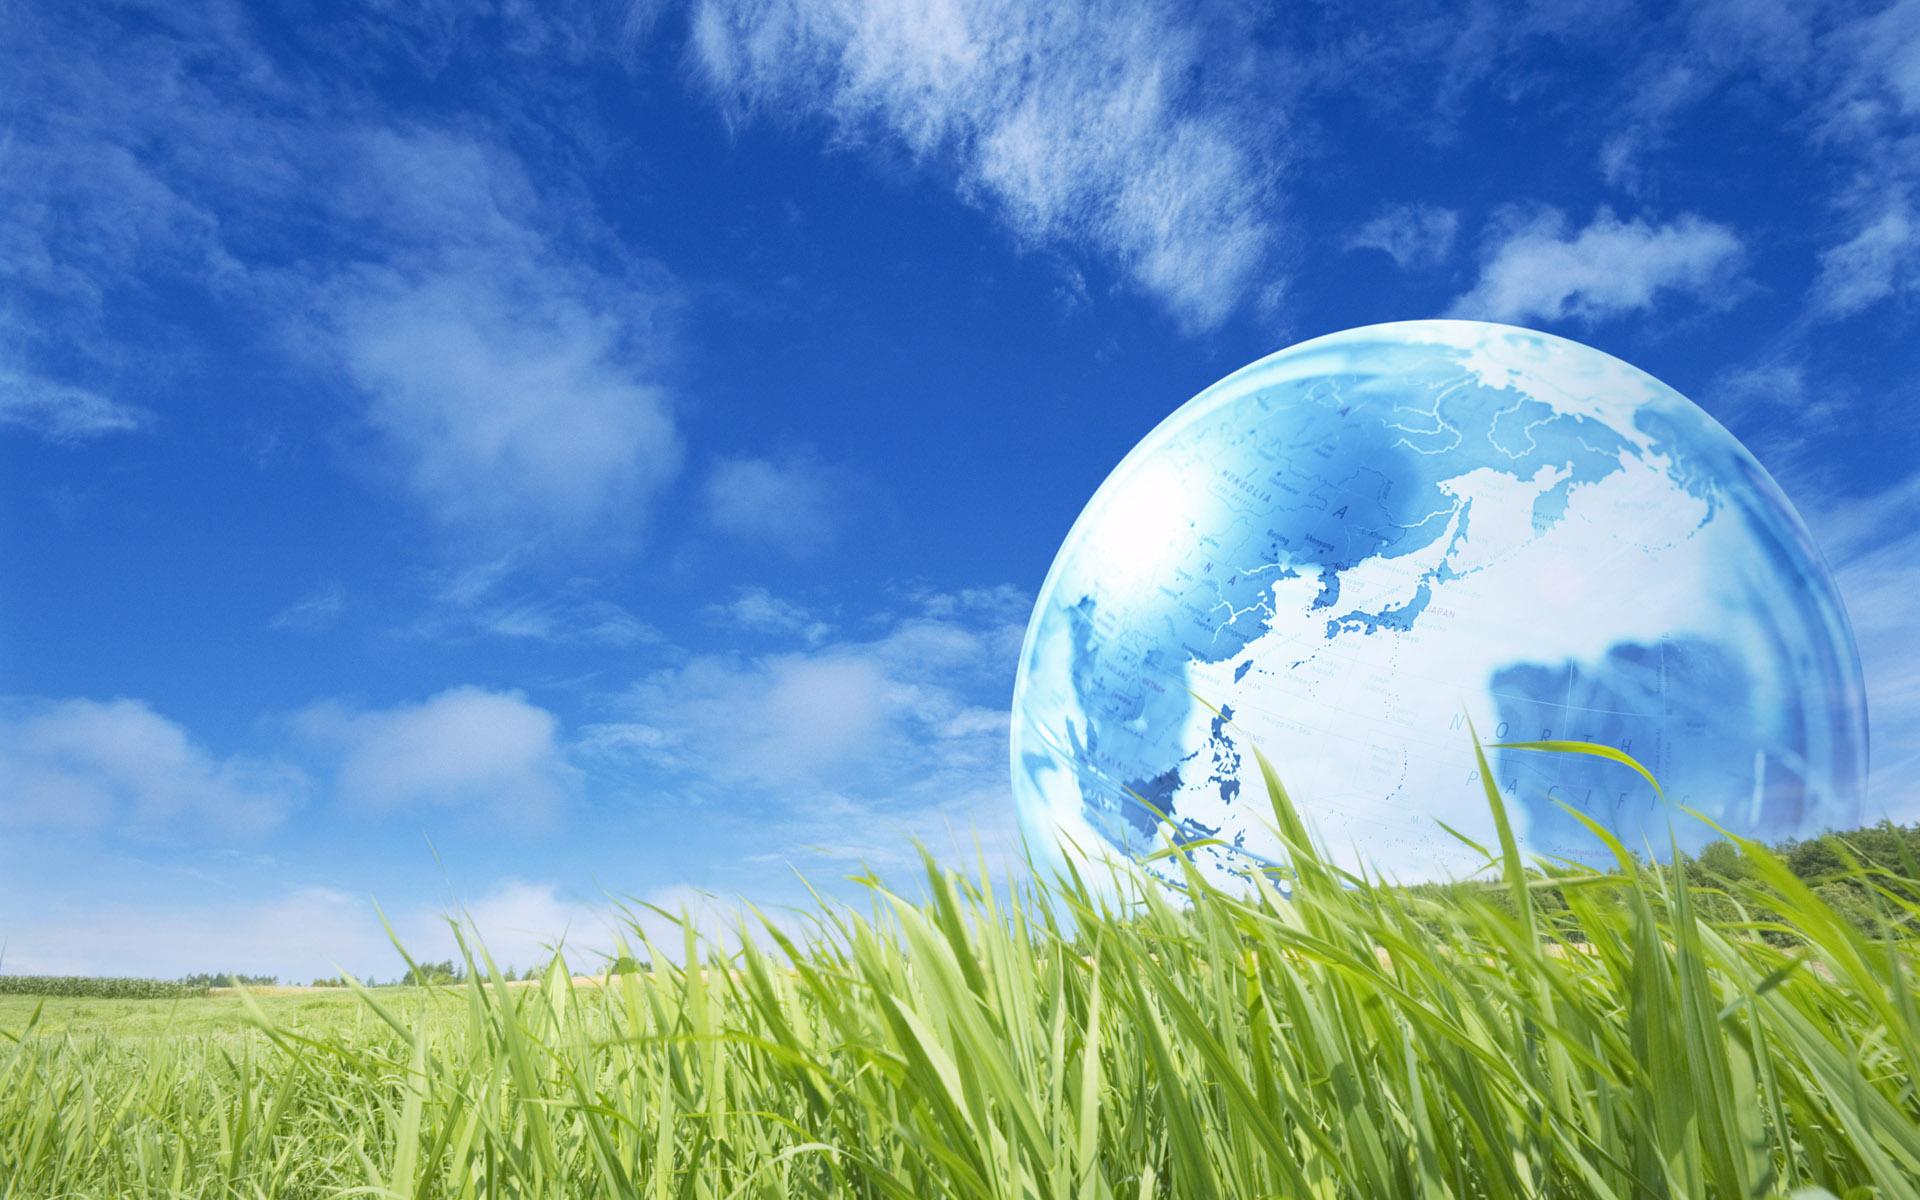 Màu xanh bầu trời hòa lẫn với sắc xanh của cỏ